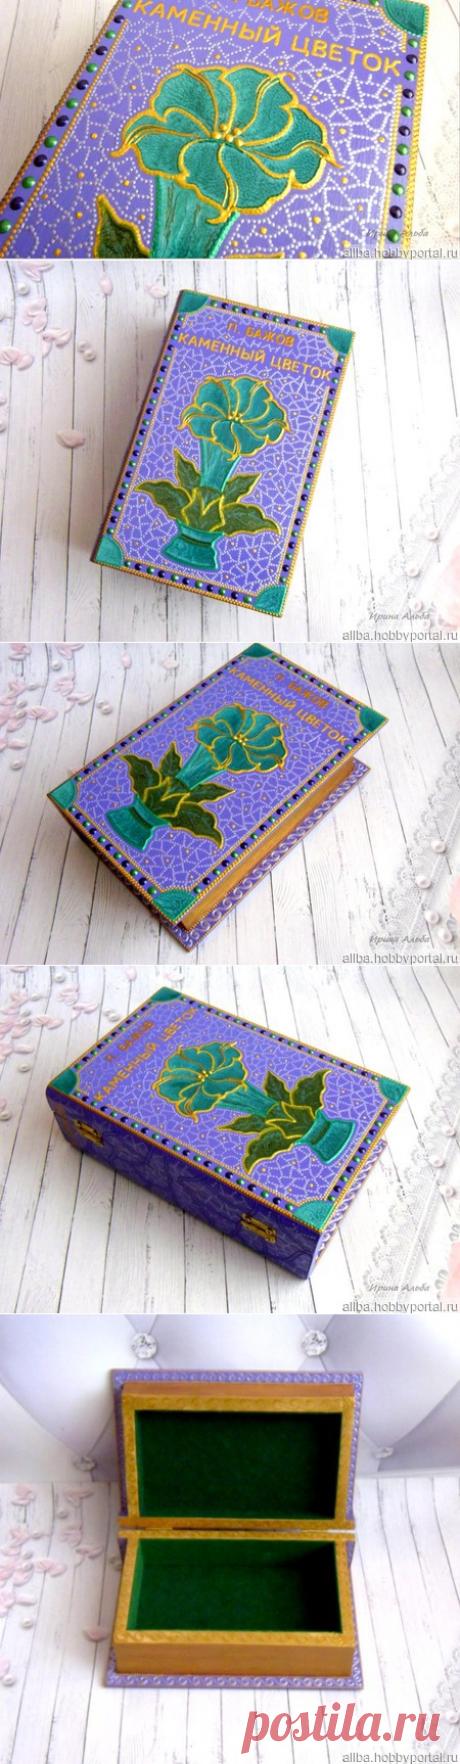 """Шкатулка-книга """"Каменный цветок"""" – купить в интернет-магазине HobbyPortal.ru с доставкой"""